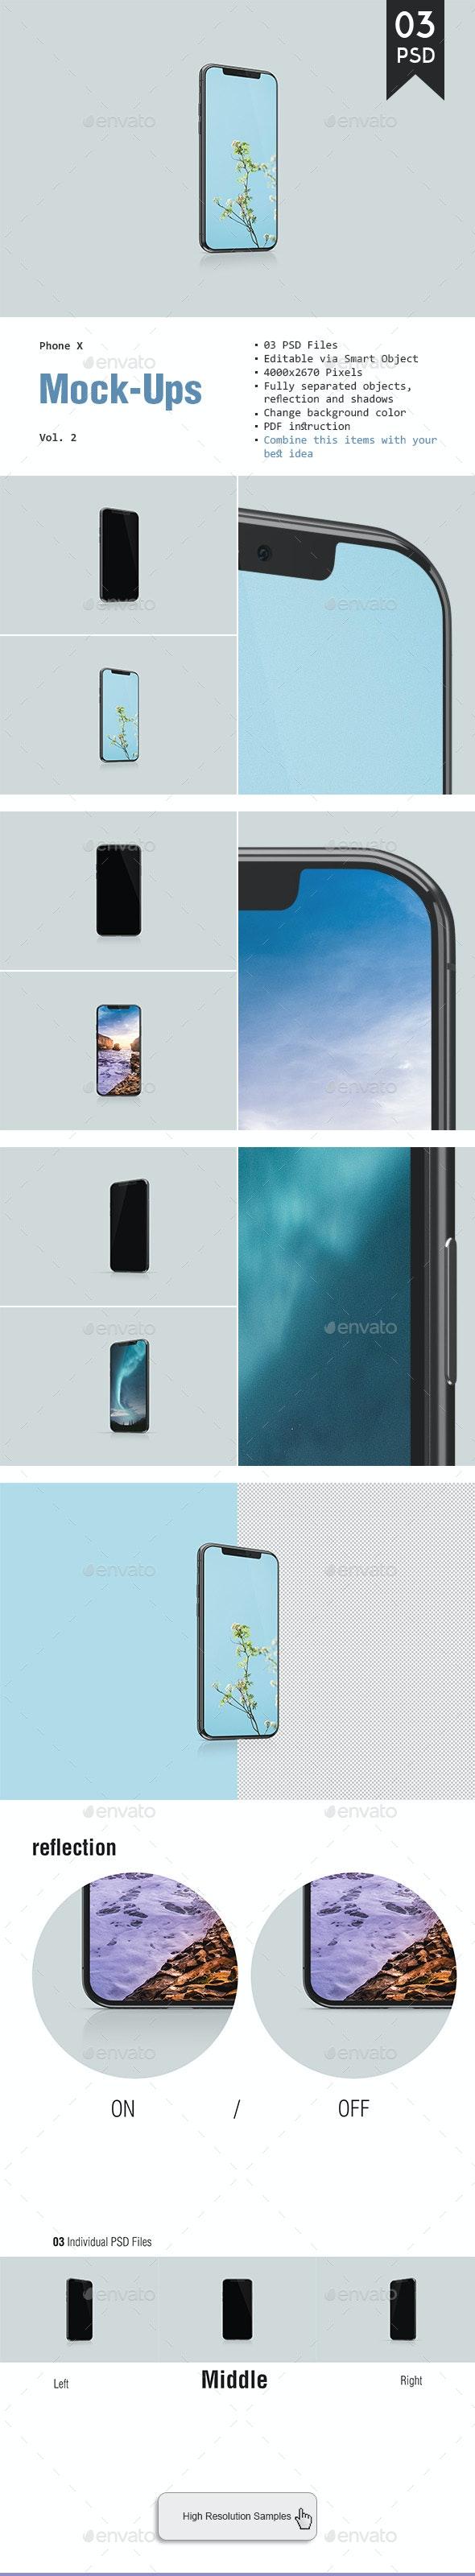 Phone X Mockup Vol. 2 - Mobile Displays